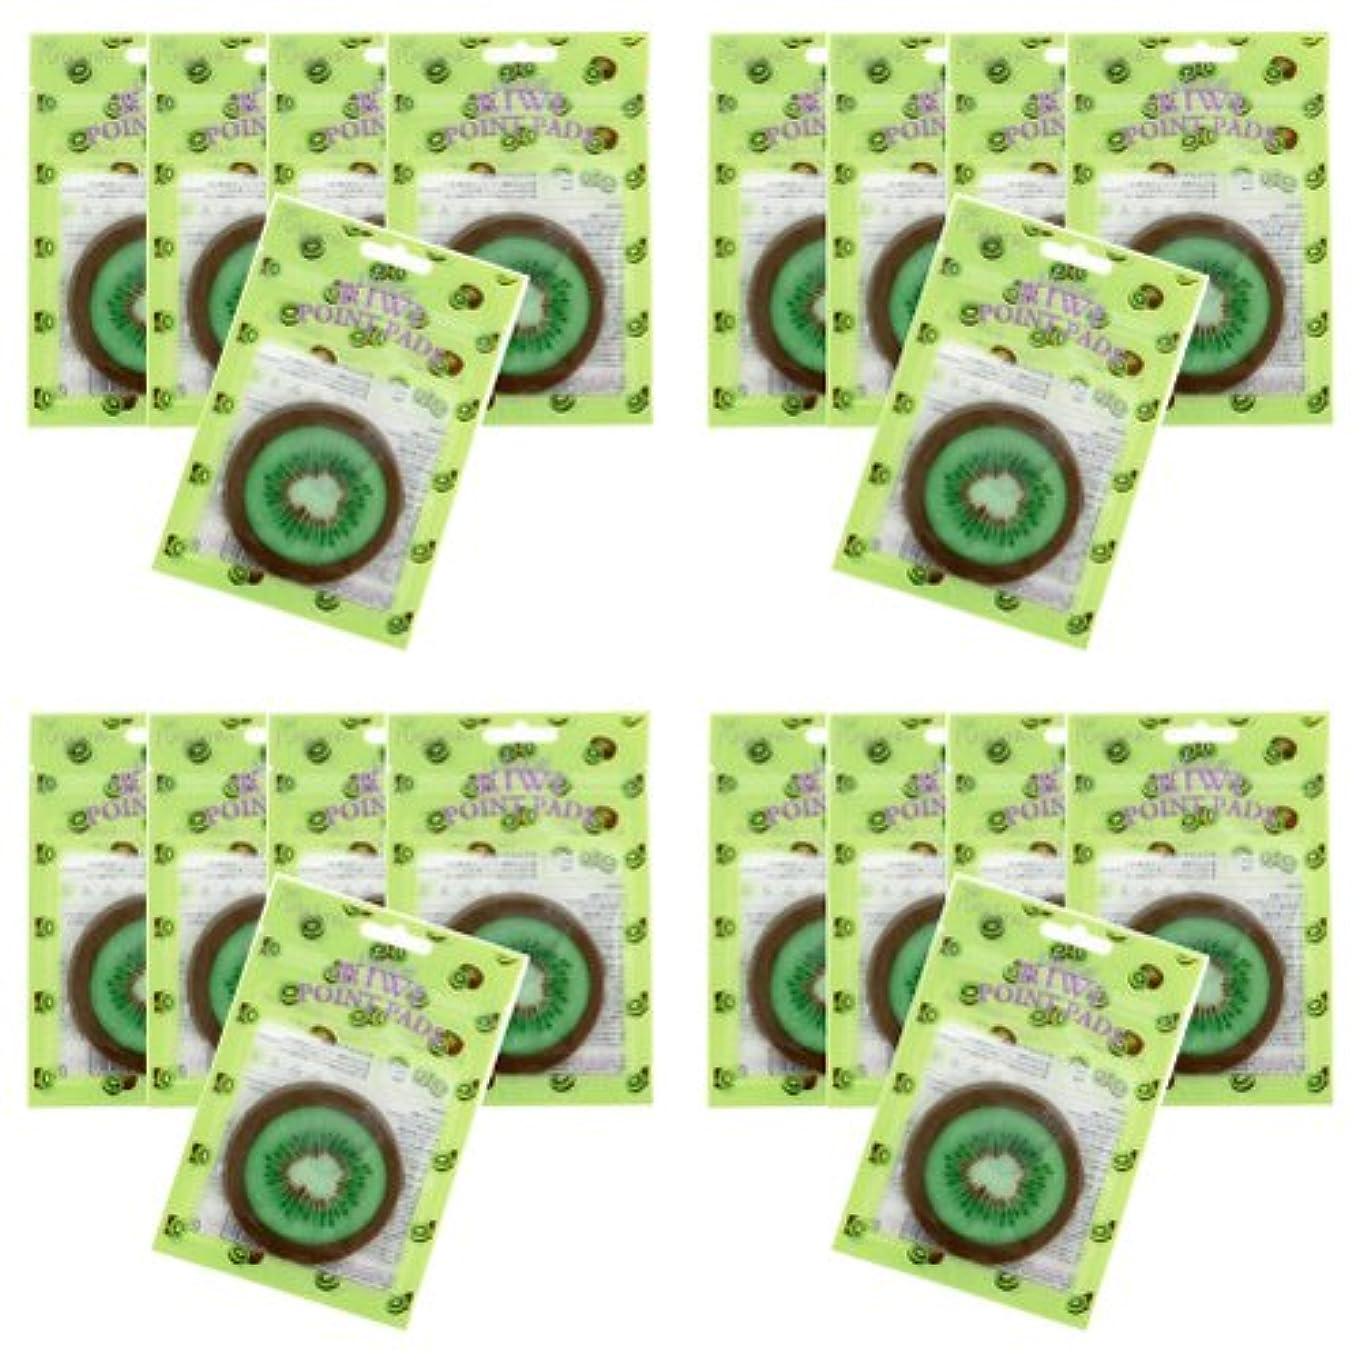 寺院マスクにもかかわらずピュアスマイル ジューシーポイントパッド キウィ20パックセット(1パック10枚入 合計200枚)